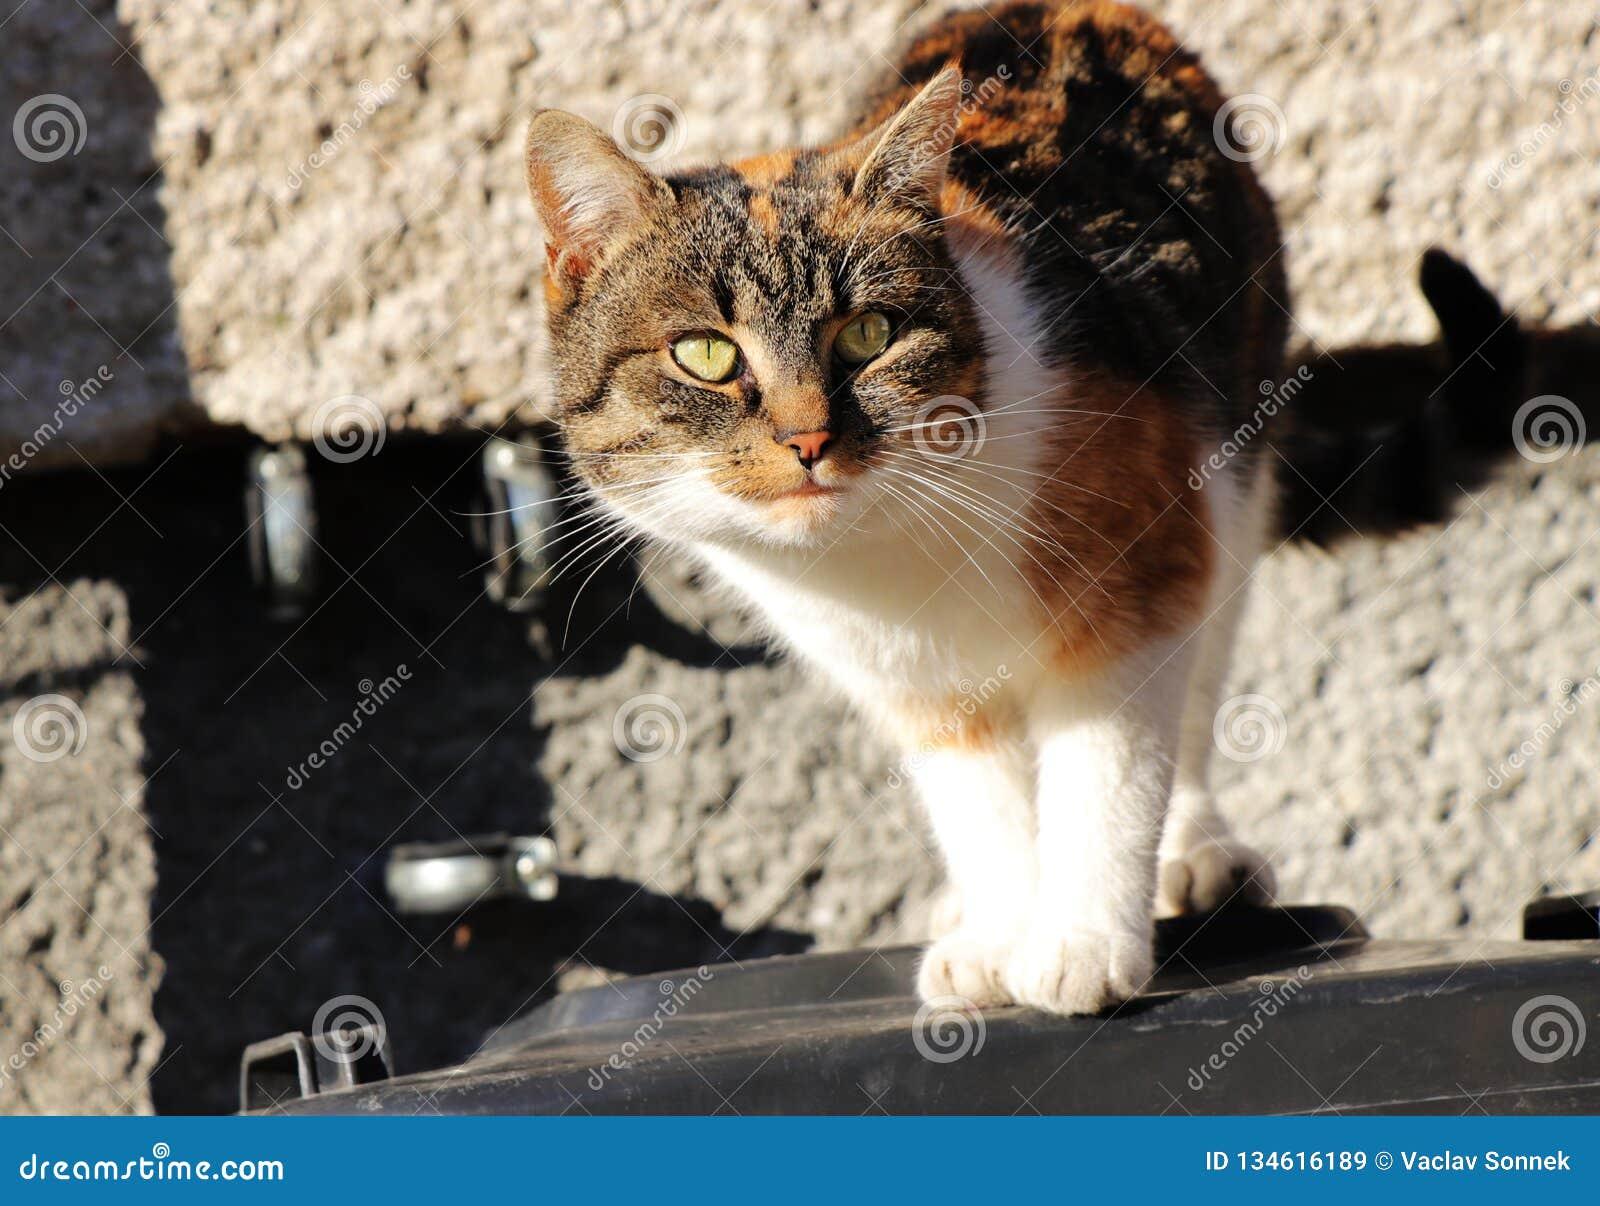 Een mooie multi gekleurde kat die zich op plastic bak bevinden en treft neer voor sprong voorbereidingen Zeer aardige groene ogen